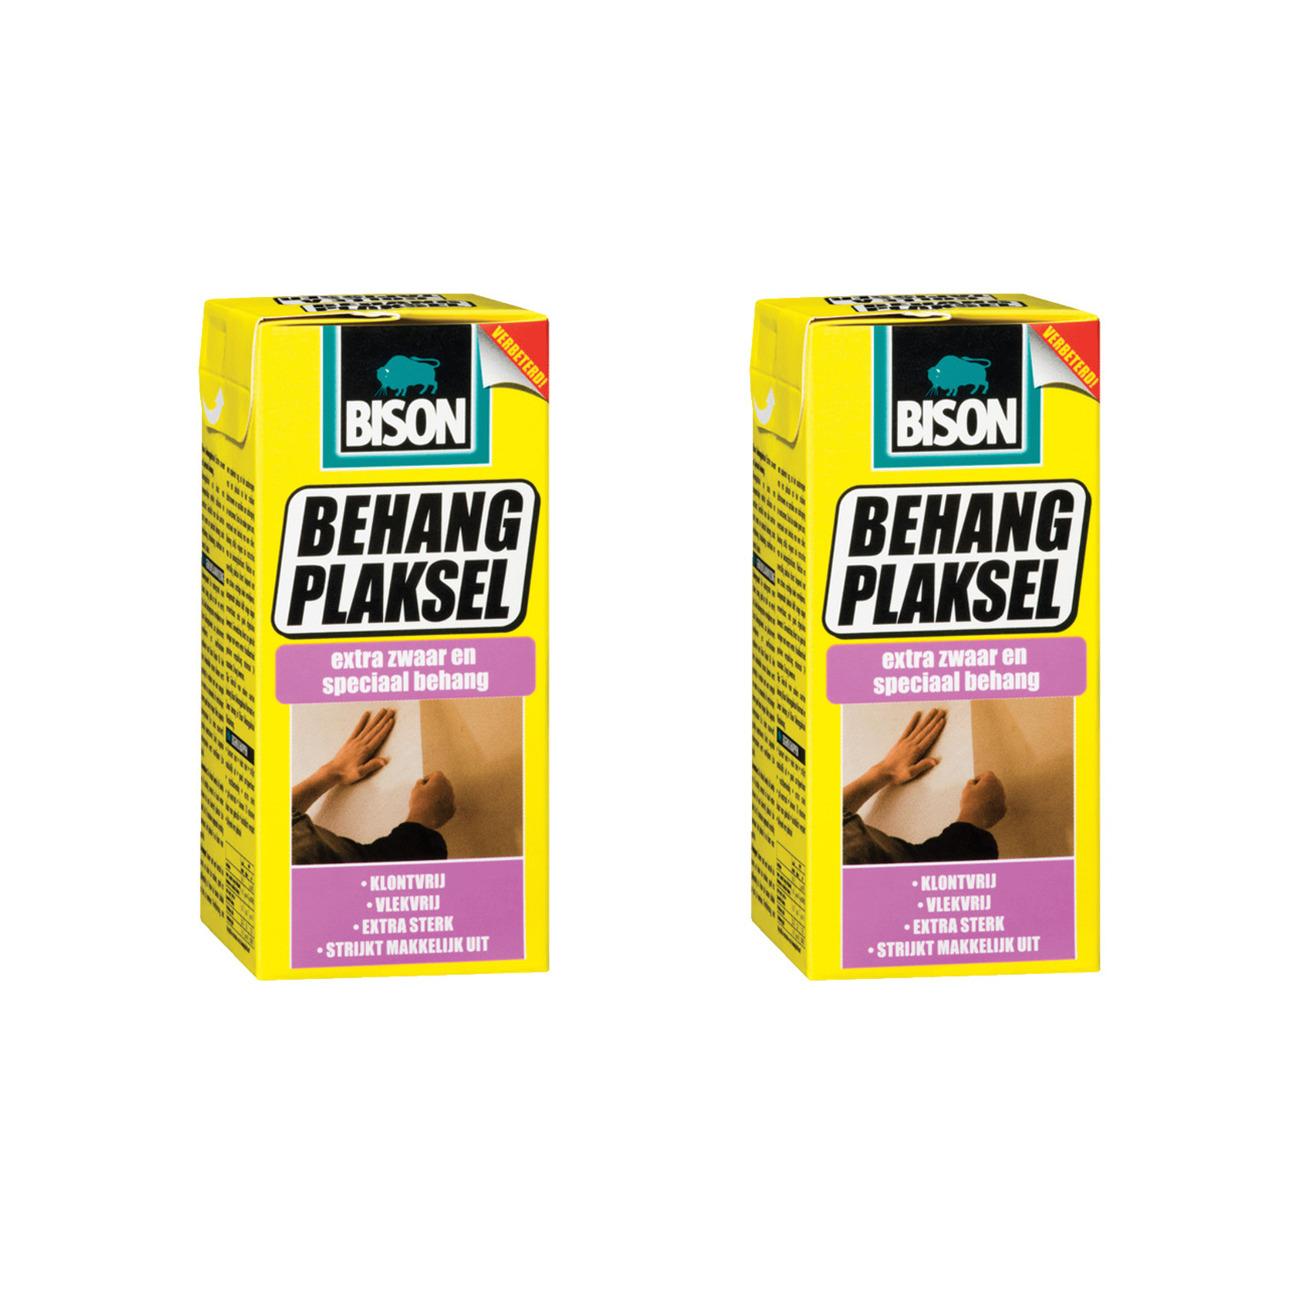 2x pakken Bison behanglijm voor zwaar en speciaal behang 200 gram